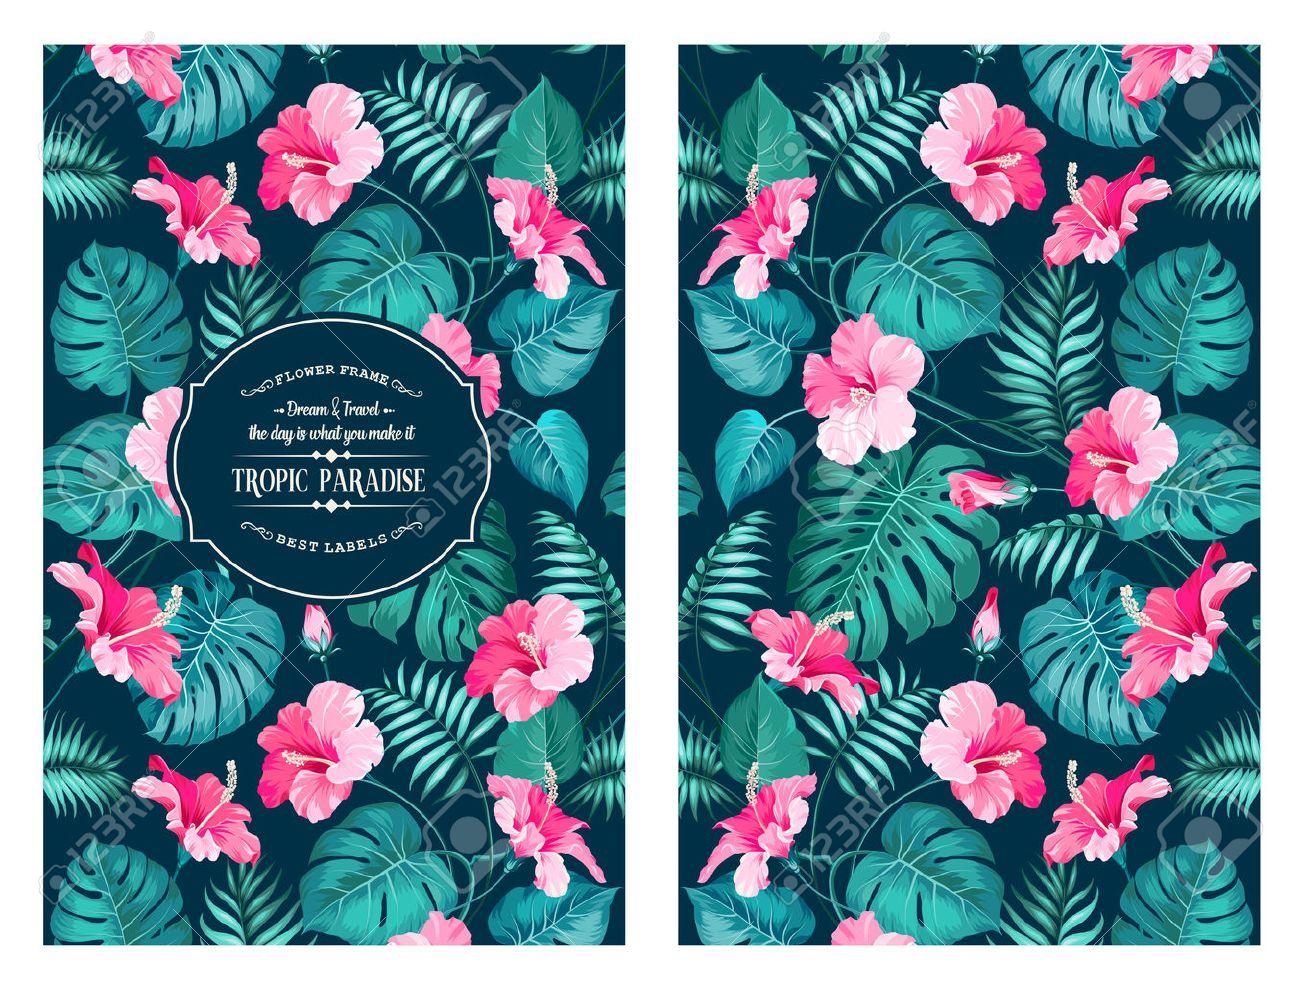 Patr n de flores tropicales en el dise o de la portada del libro flor de las